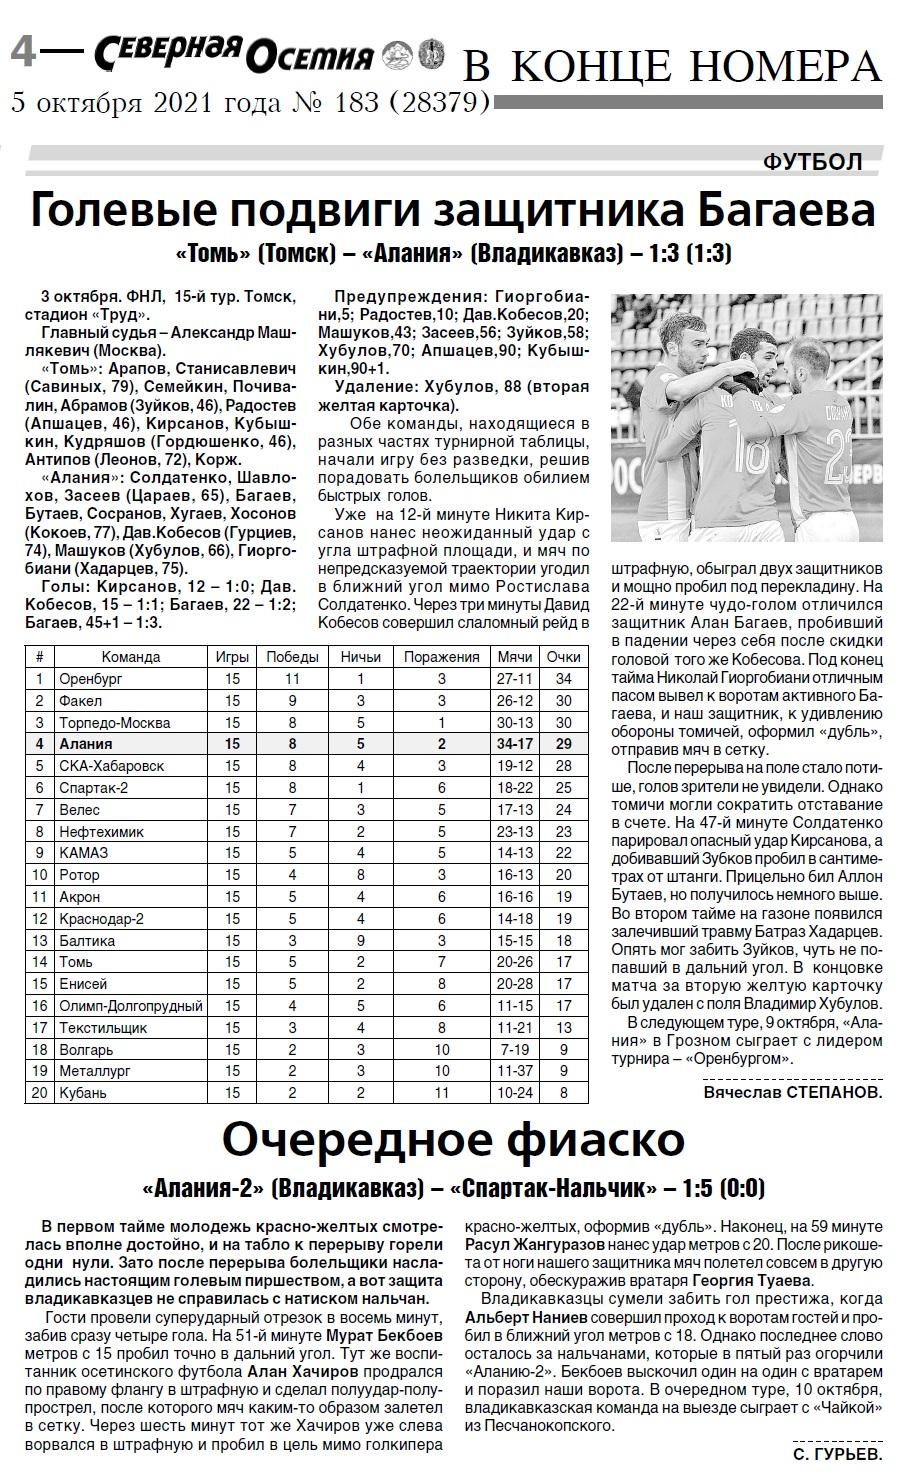 Томь (Томск) - Алания (Владикавказ) 1:3. Нажмите, чтобы посмотреть истинный размер рисунка